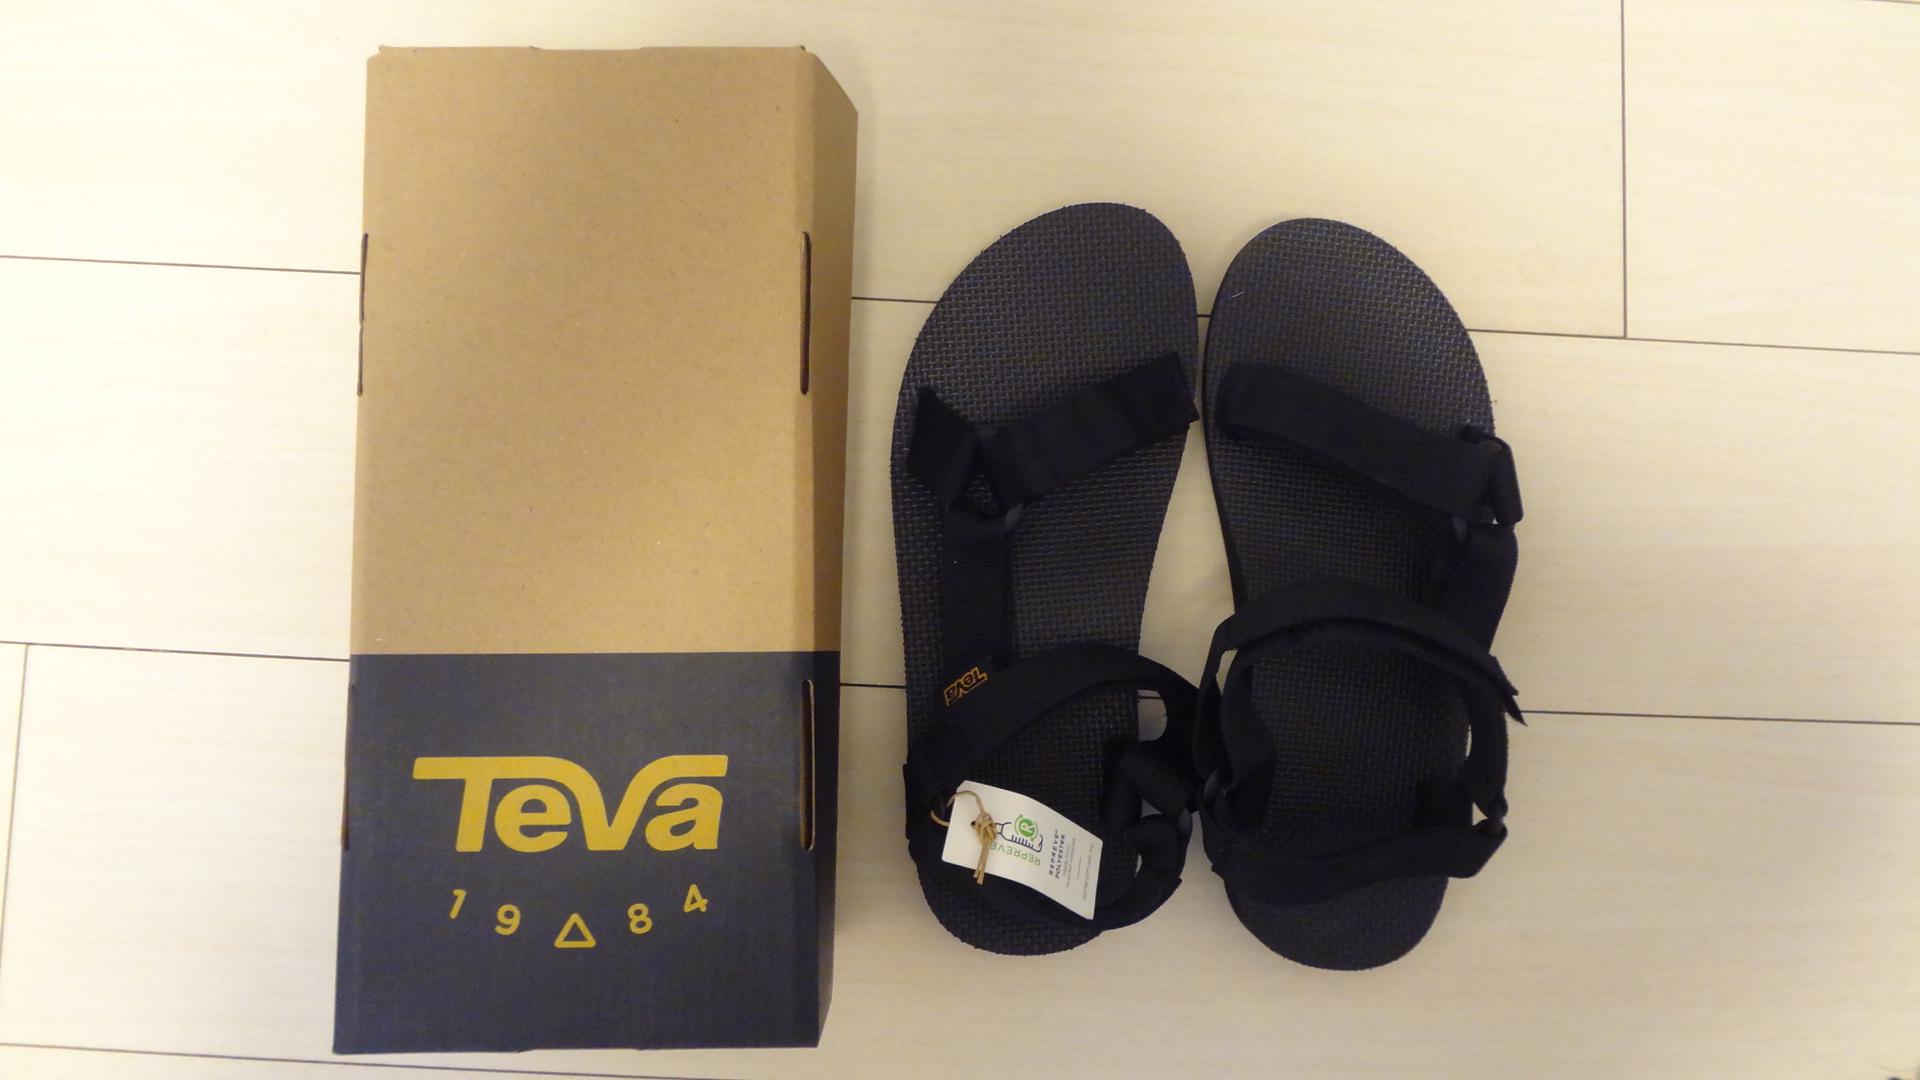 【レビュー】TEVAのオリジナルユニバーサルのサイズ感や履き心地はどうなの?